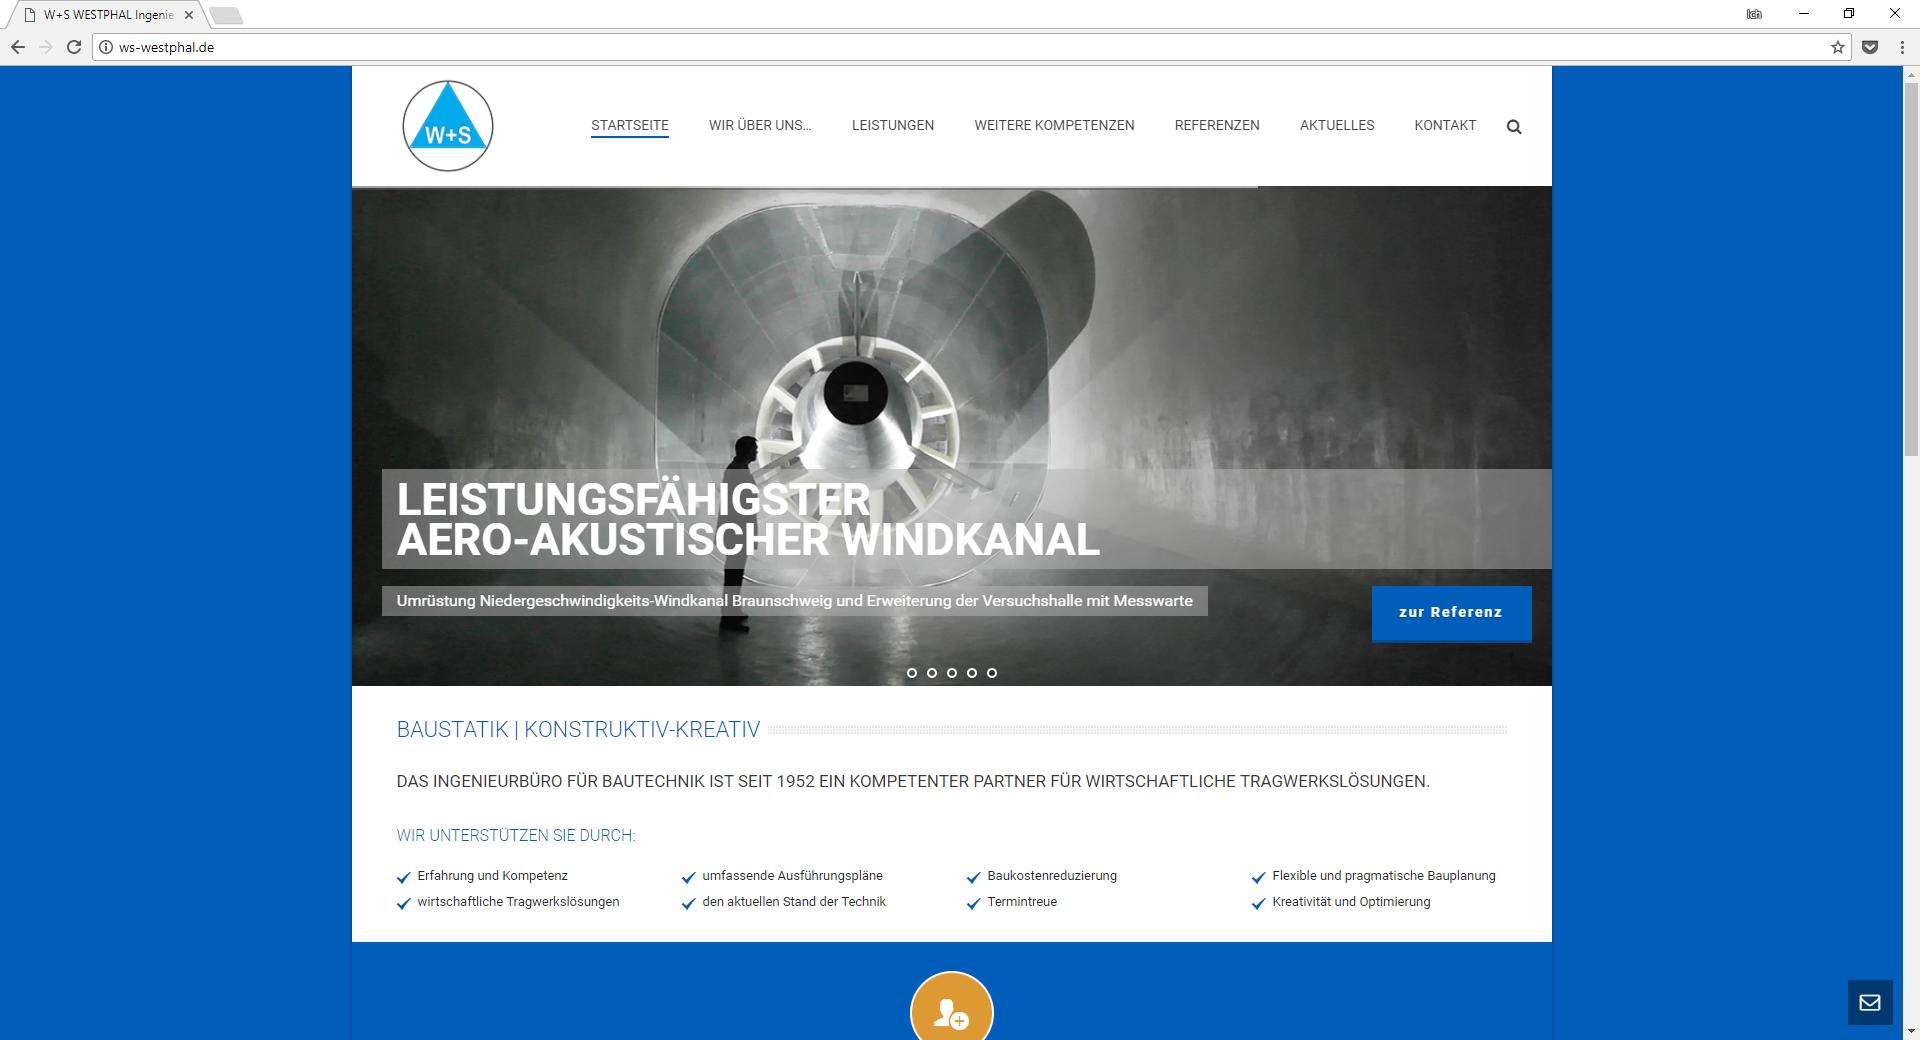 Internetseite W+S WESTPHAL Ingenieurbüro für Bautechnik